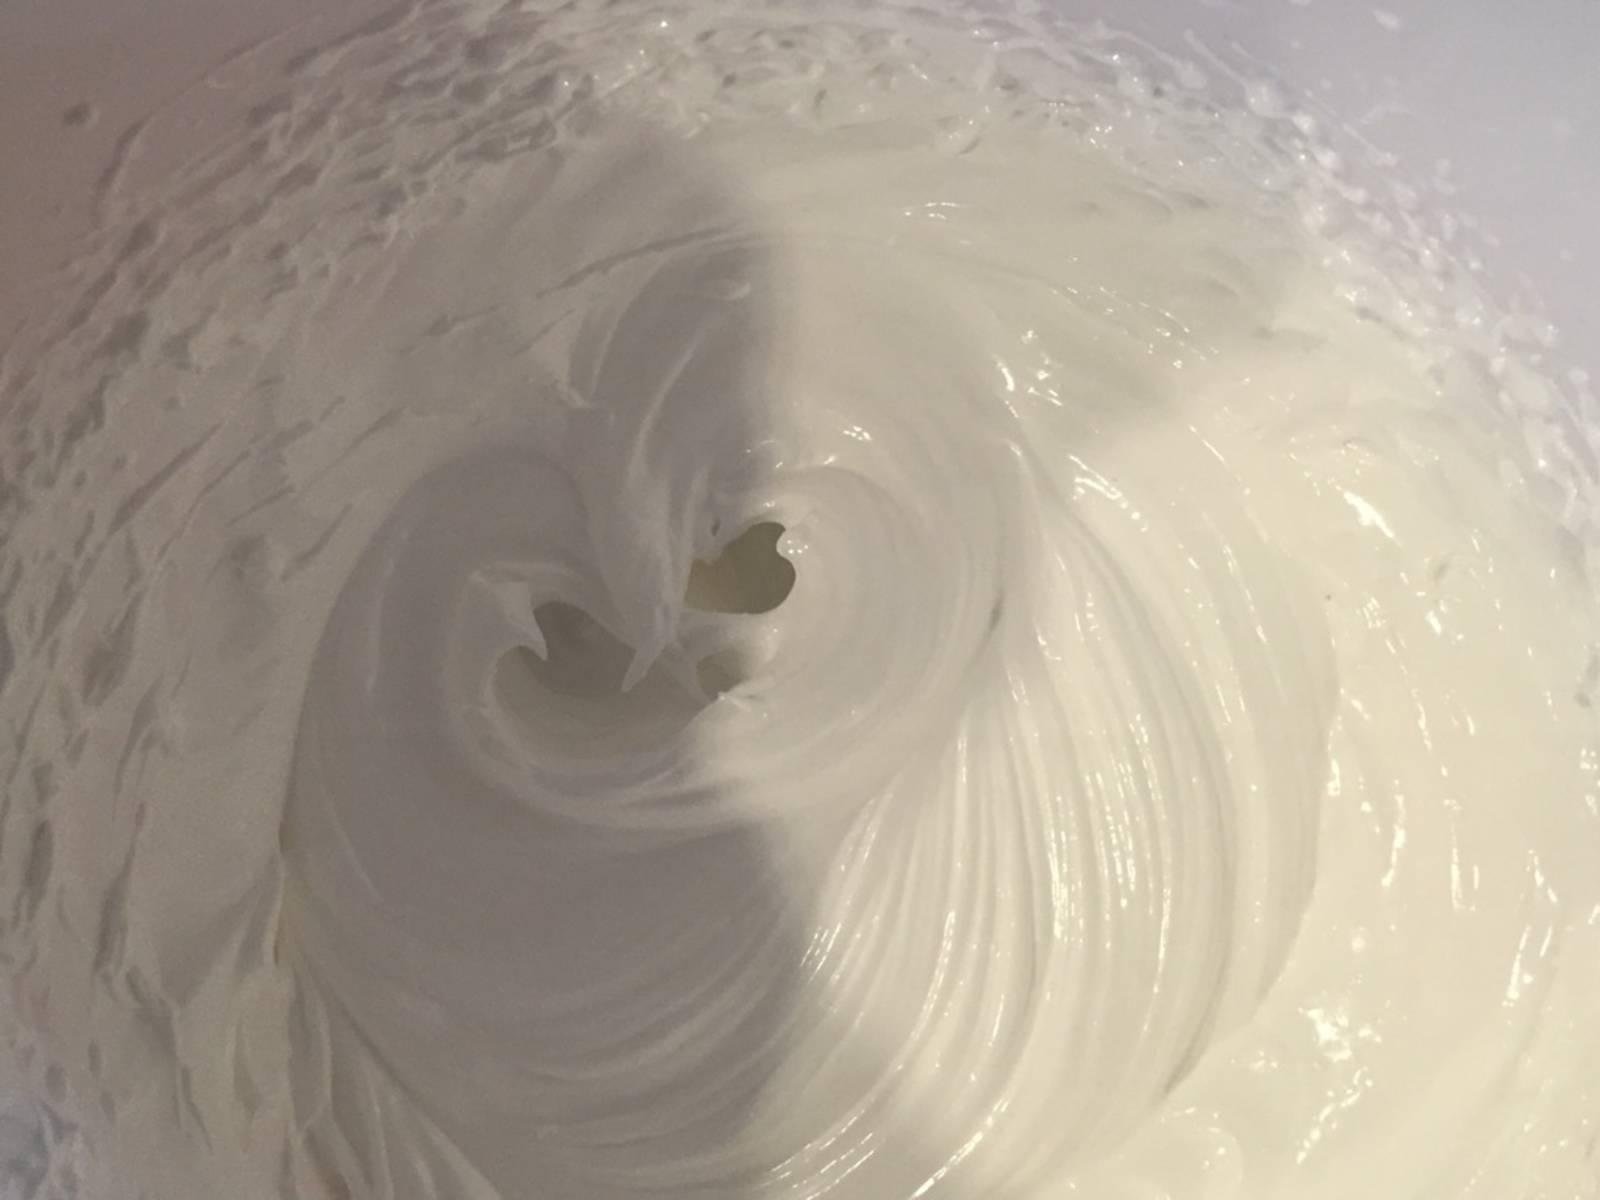 Sobald 115°C erreicht ist, den Zuckersirup vom Herd nehmen und langsam unter ständigem Rühren in den Eischnee laufen lassen. Etwa 10 Min. weiterrühren, damit die nun entstandene Meringue etwas abkühlt.